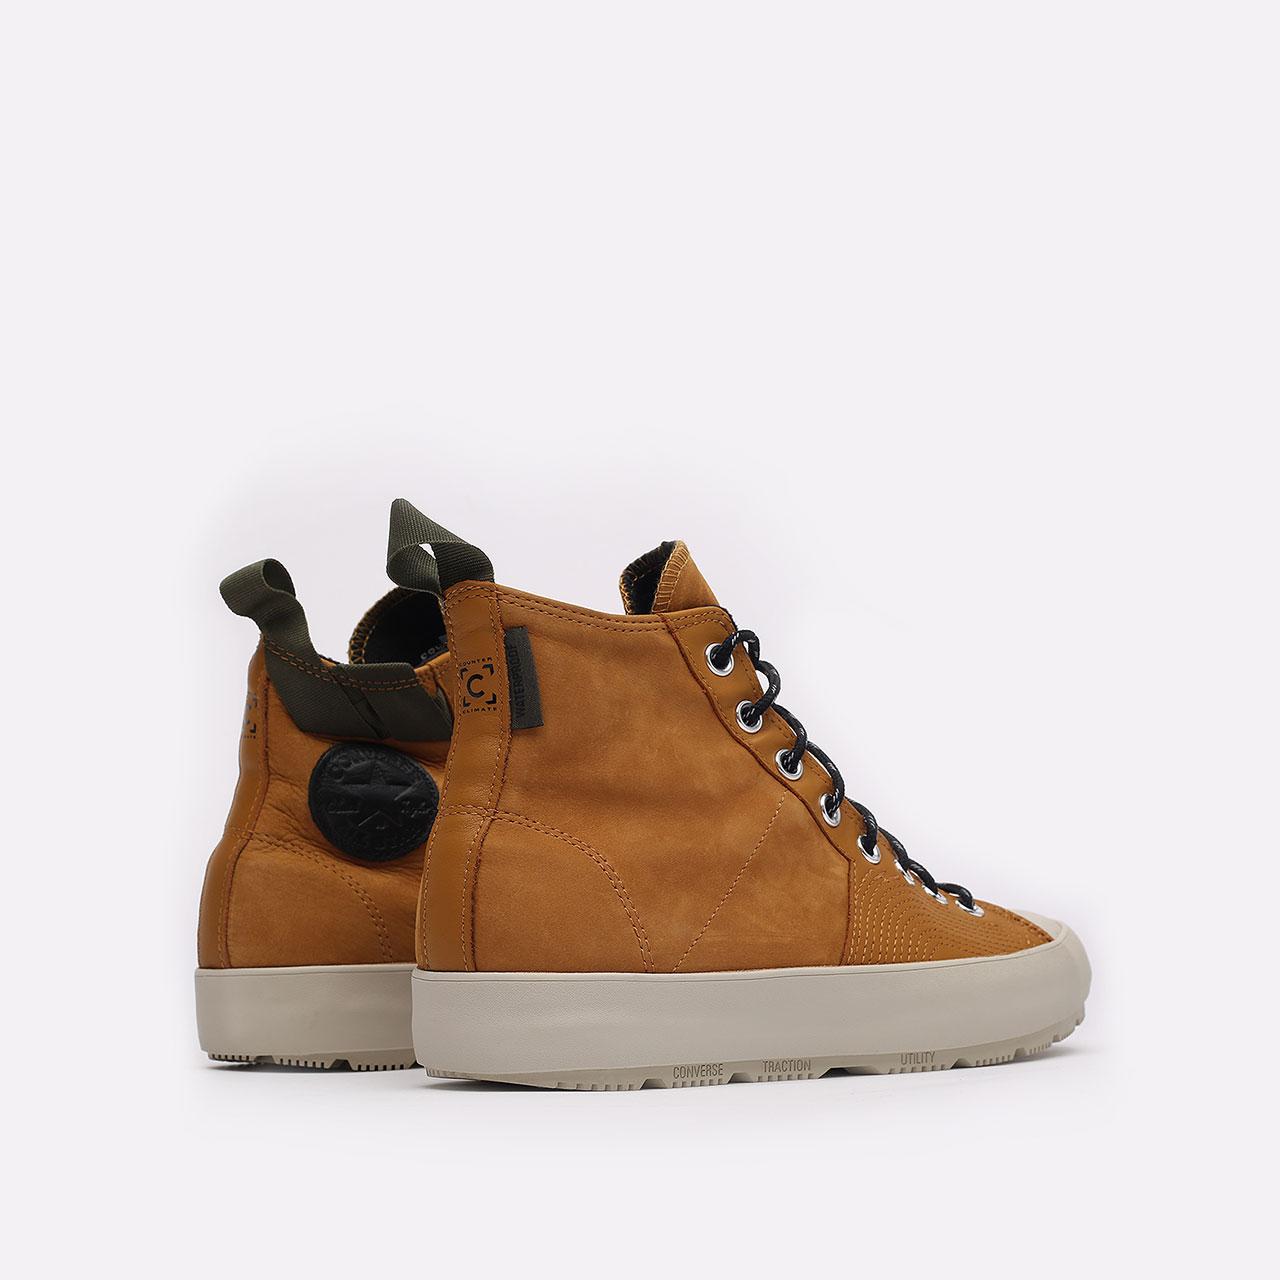 мужские коричневые  кеды converse chuck 70 explore wp hi 171438 - цена, описание, фото 3